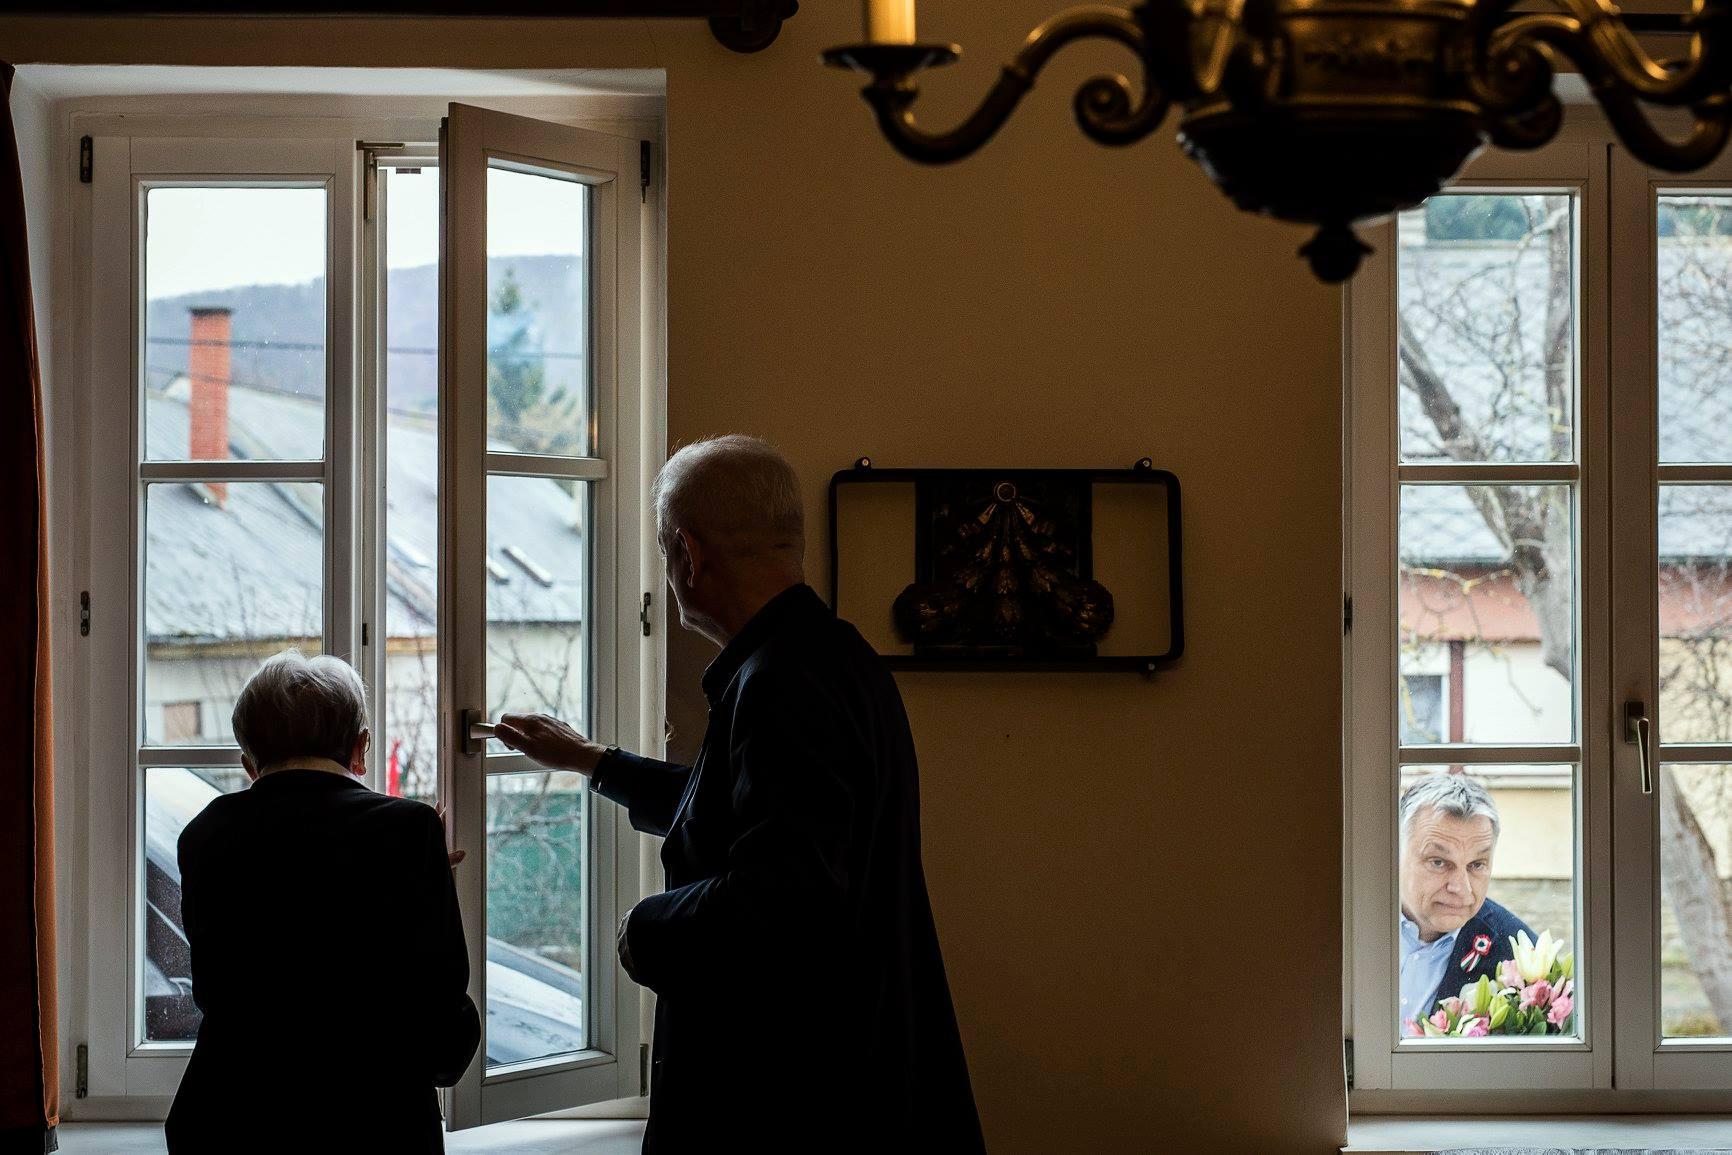 Hogyan fotózta le a házból Orbán fotósa a Törőcsik Mari ablaka előtt leselkedő miniszterelnököt?